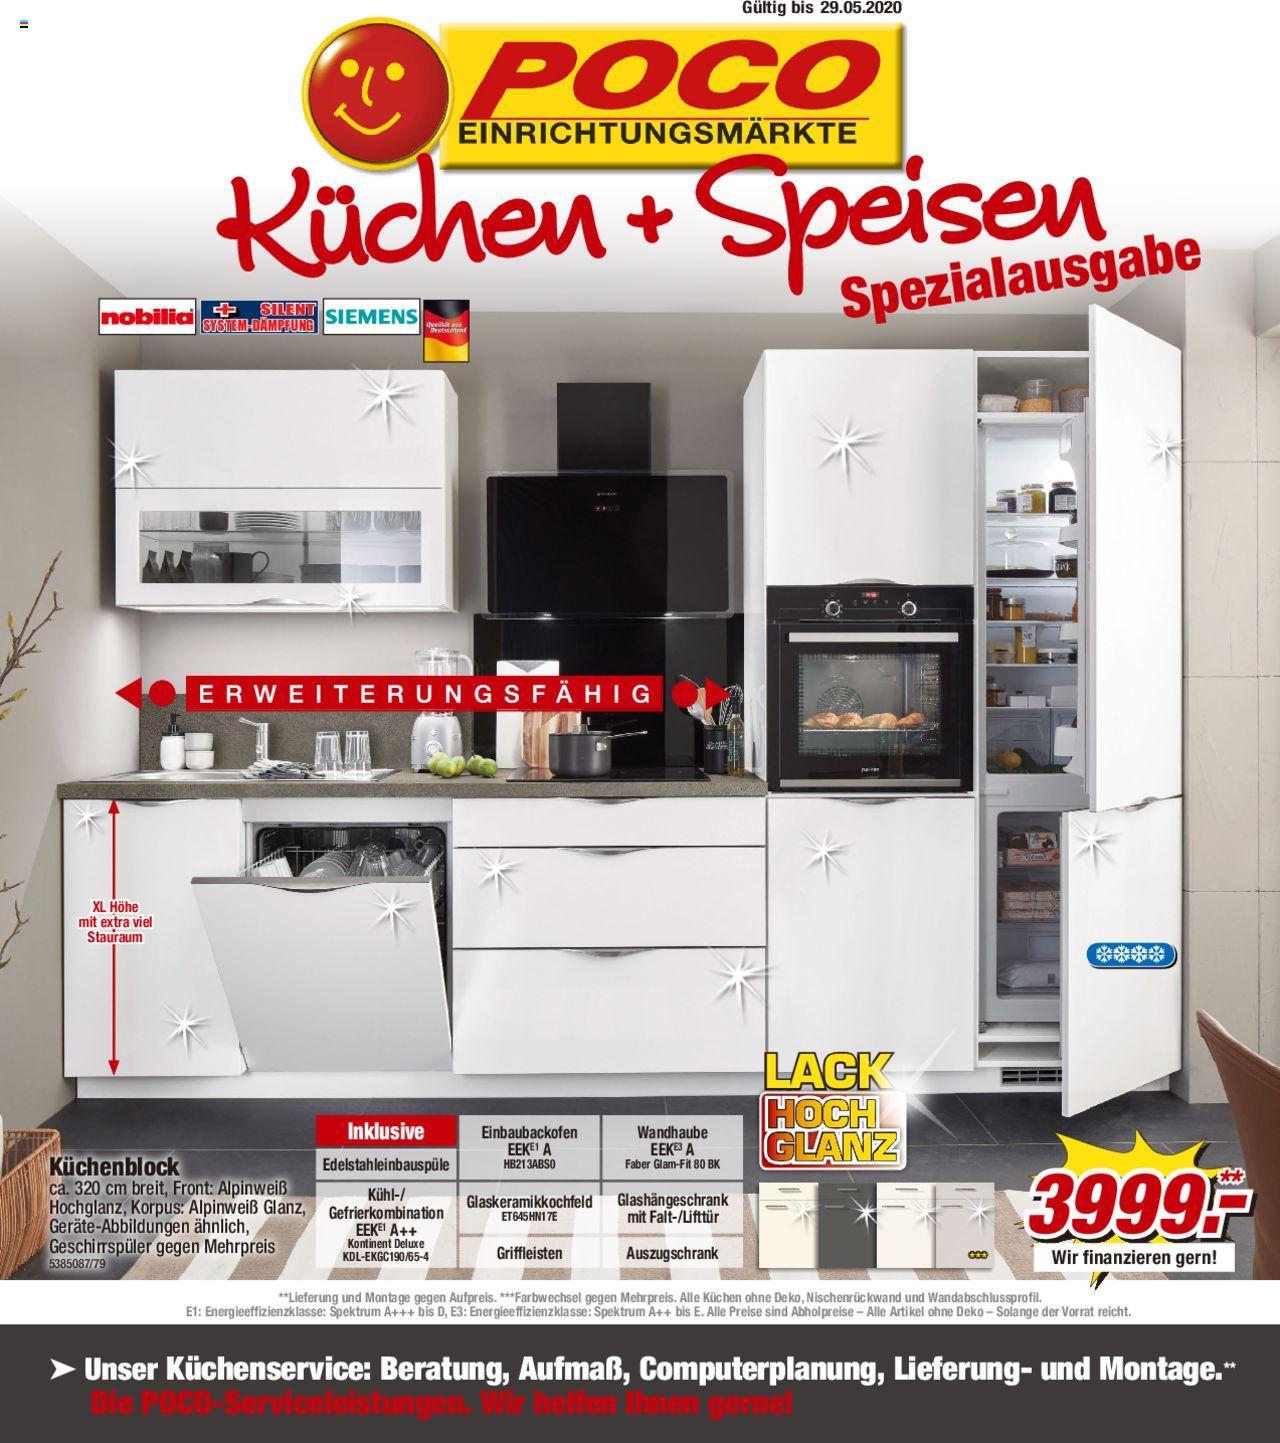 Full Size of Küchenzeile Poco Kchen Speisen 08022020 29052020 Betten Big Sofa Bett 140x200 Küche Schlafzimmer Komplett Wohnzimmer Küchenzeile Poco